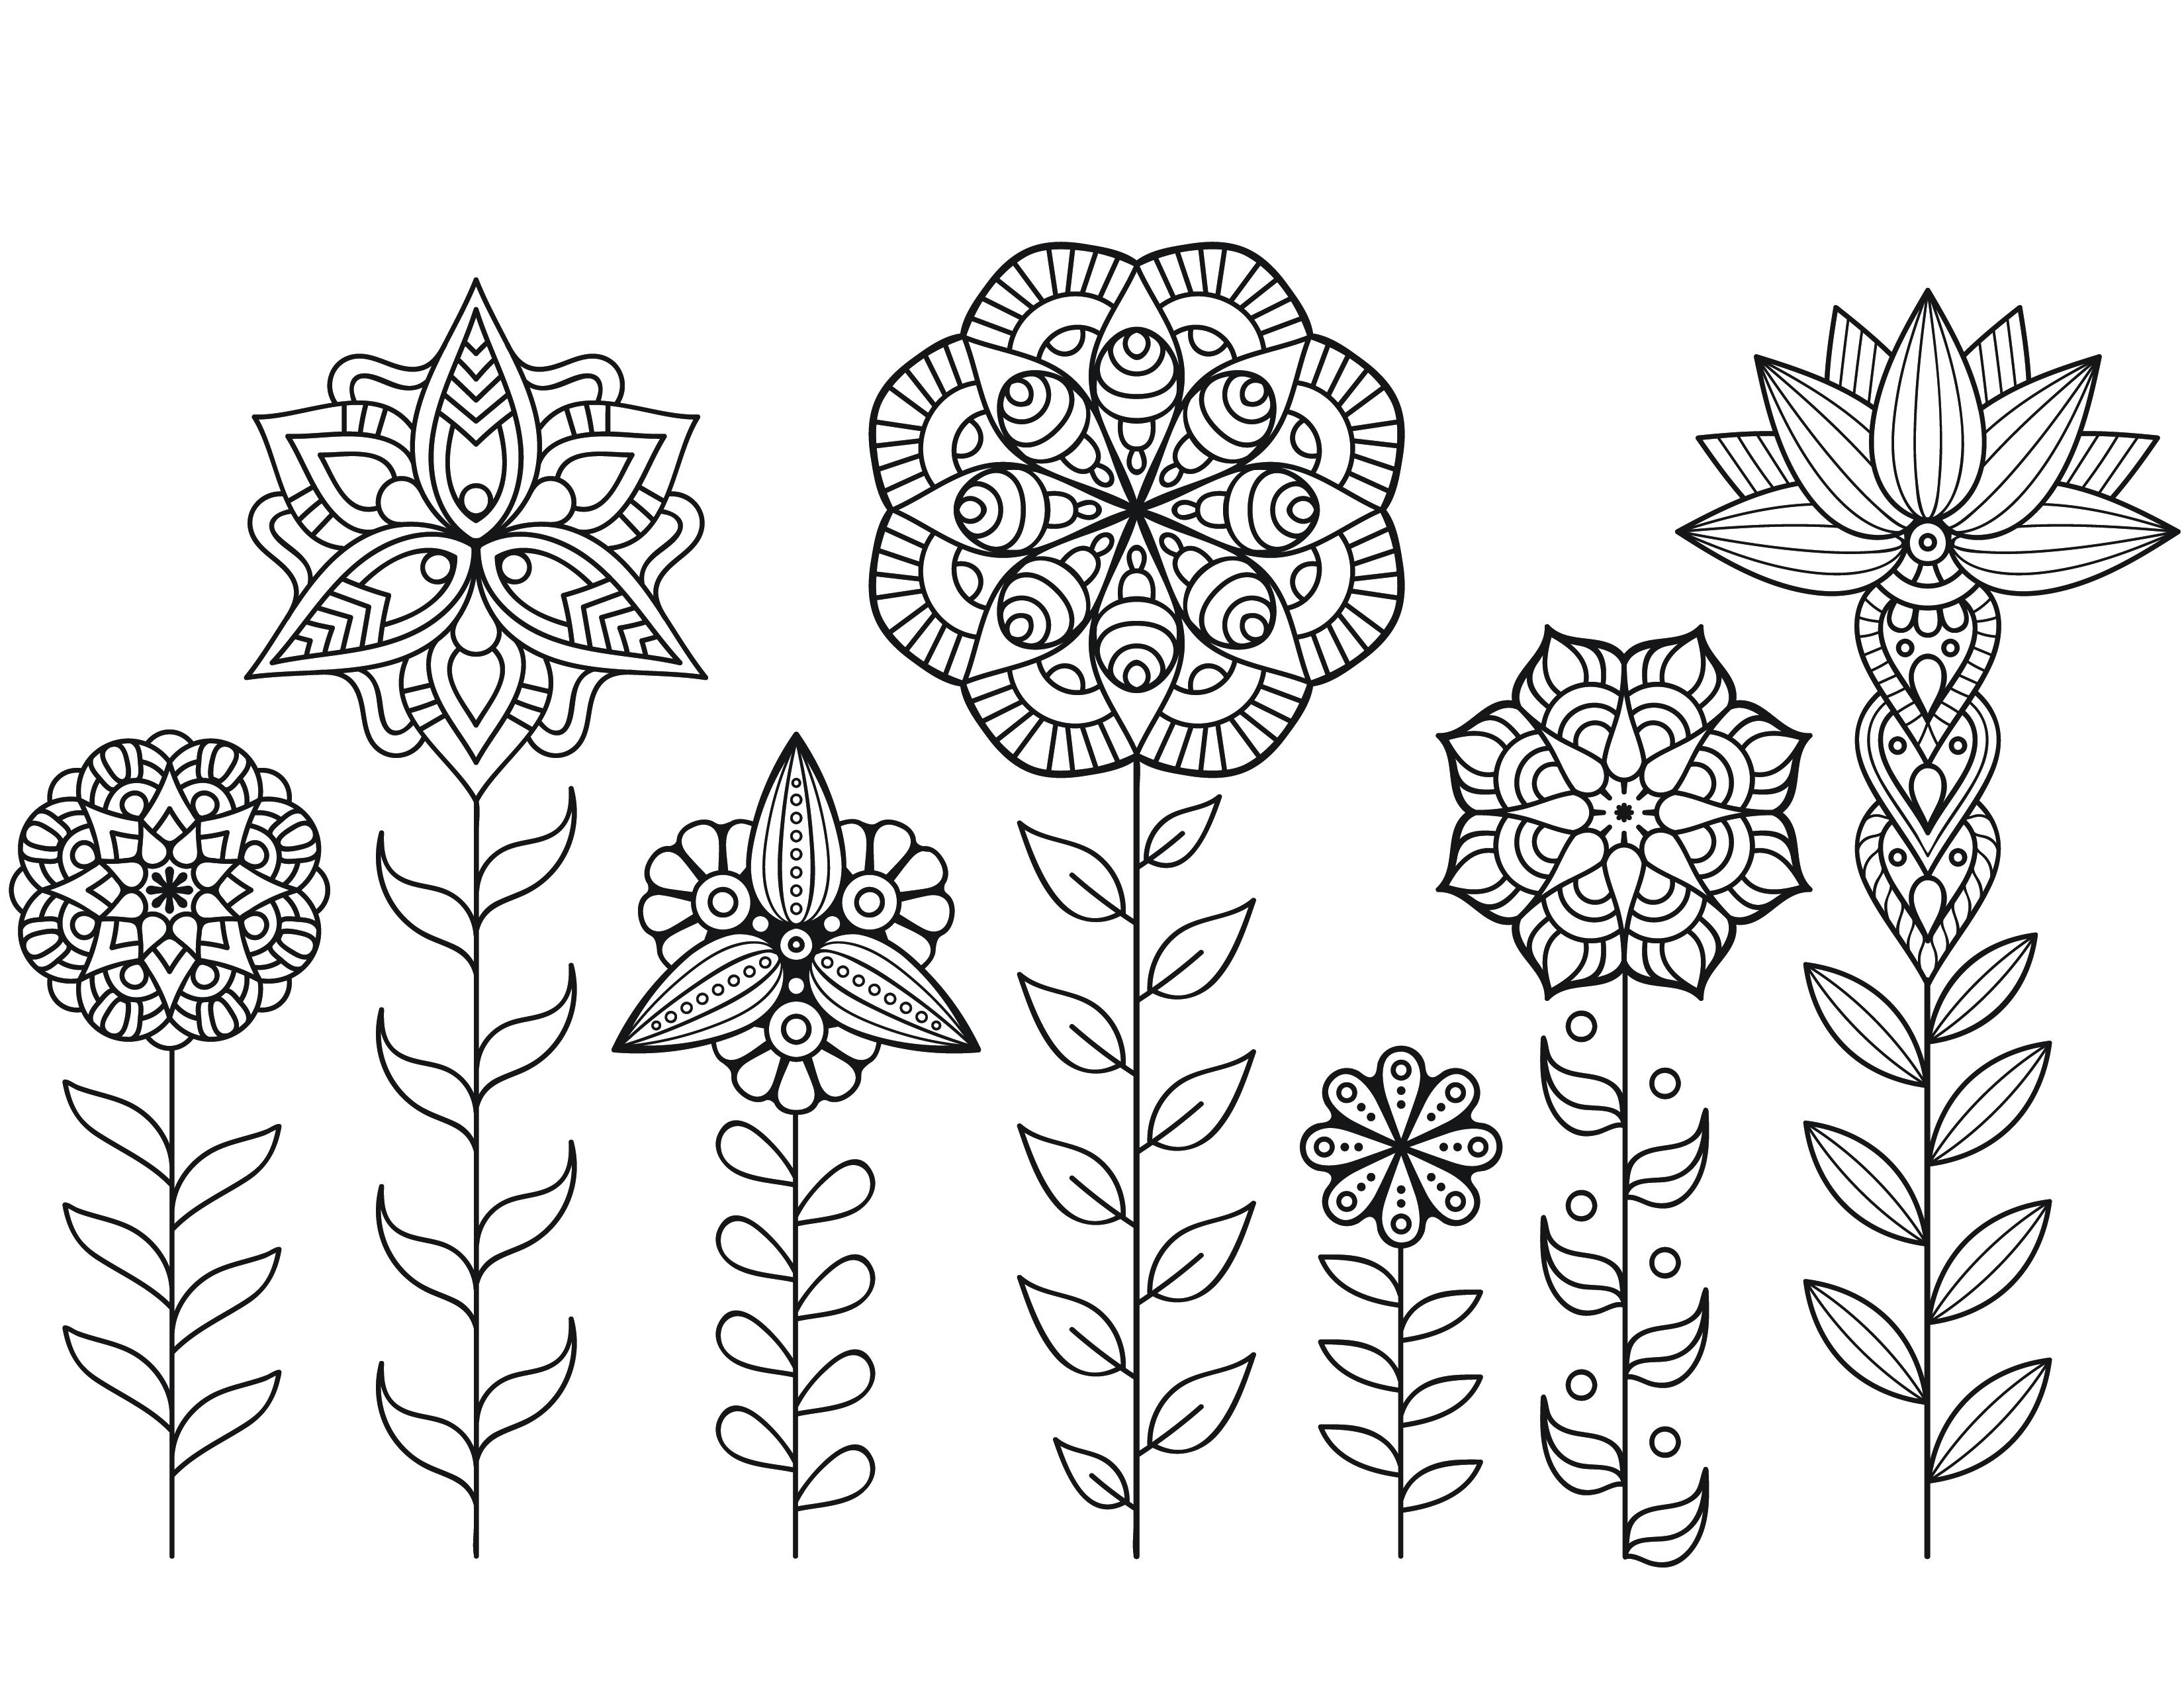 Dessin a imprimer de mandala fleurs automne - Coloriage de fleur ...